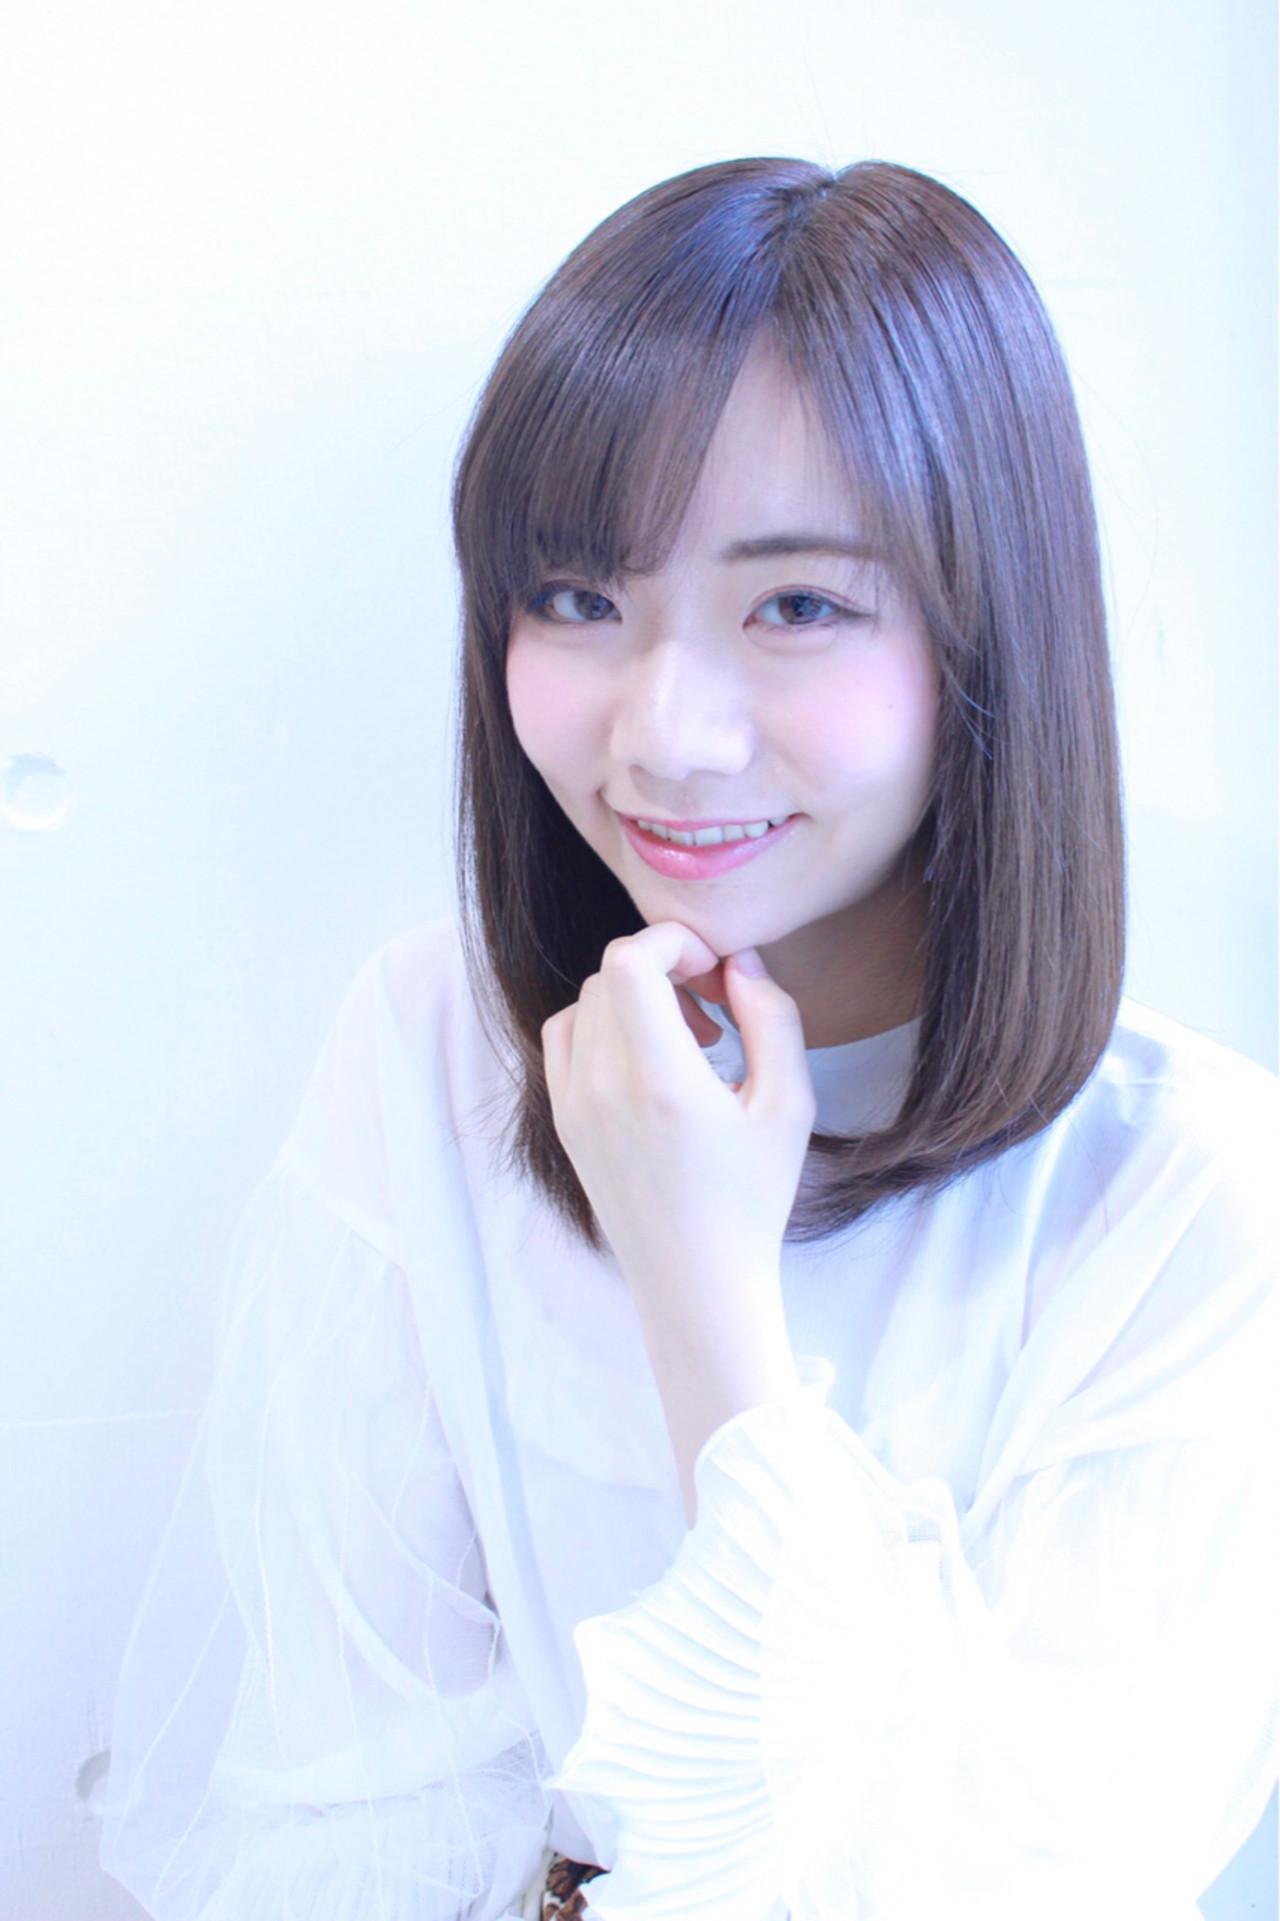 ほの揺れ清楚なミディアムストレート 大嶋 理紗